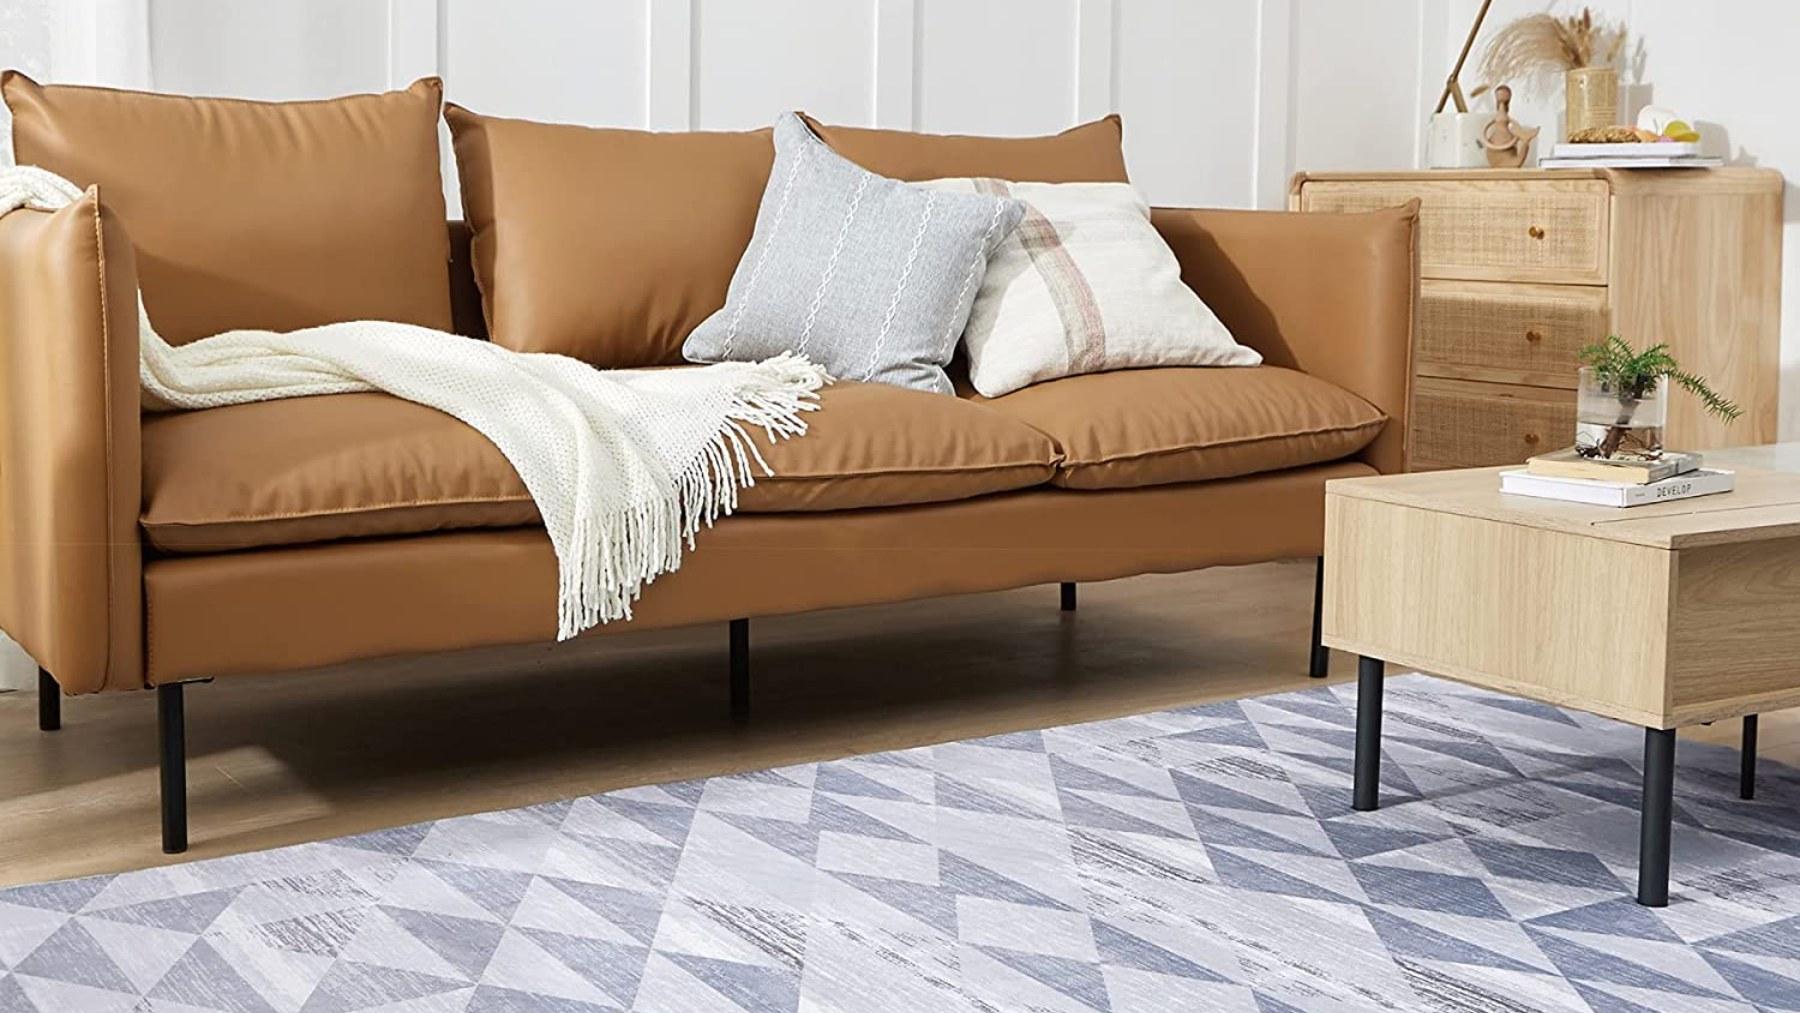 Dale calidez a tu salón con estas alfombras de Amazon más baratas que en Ikea